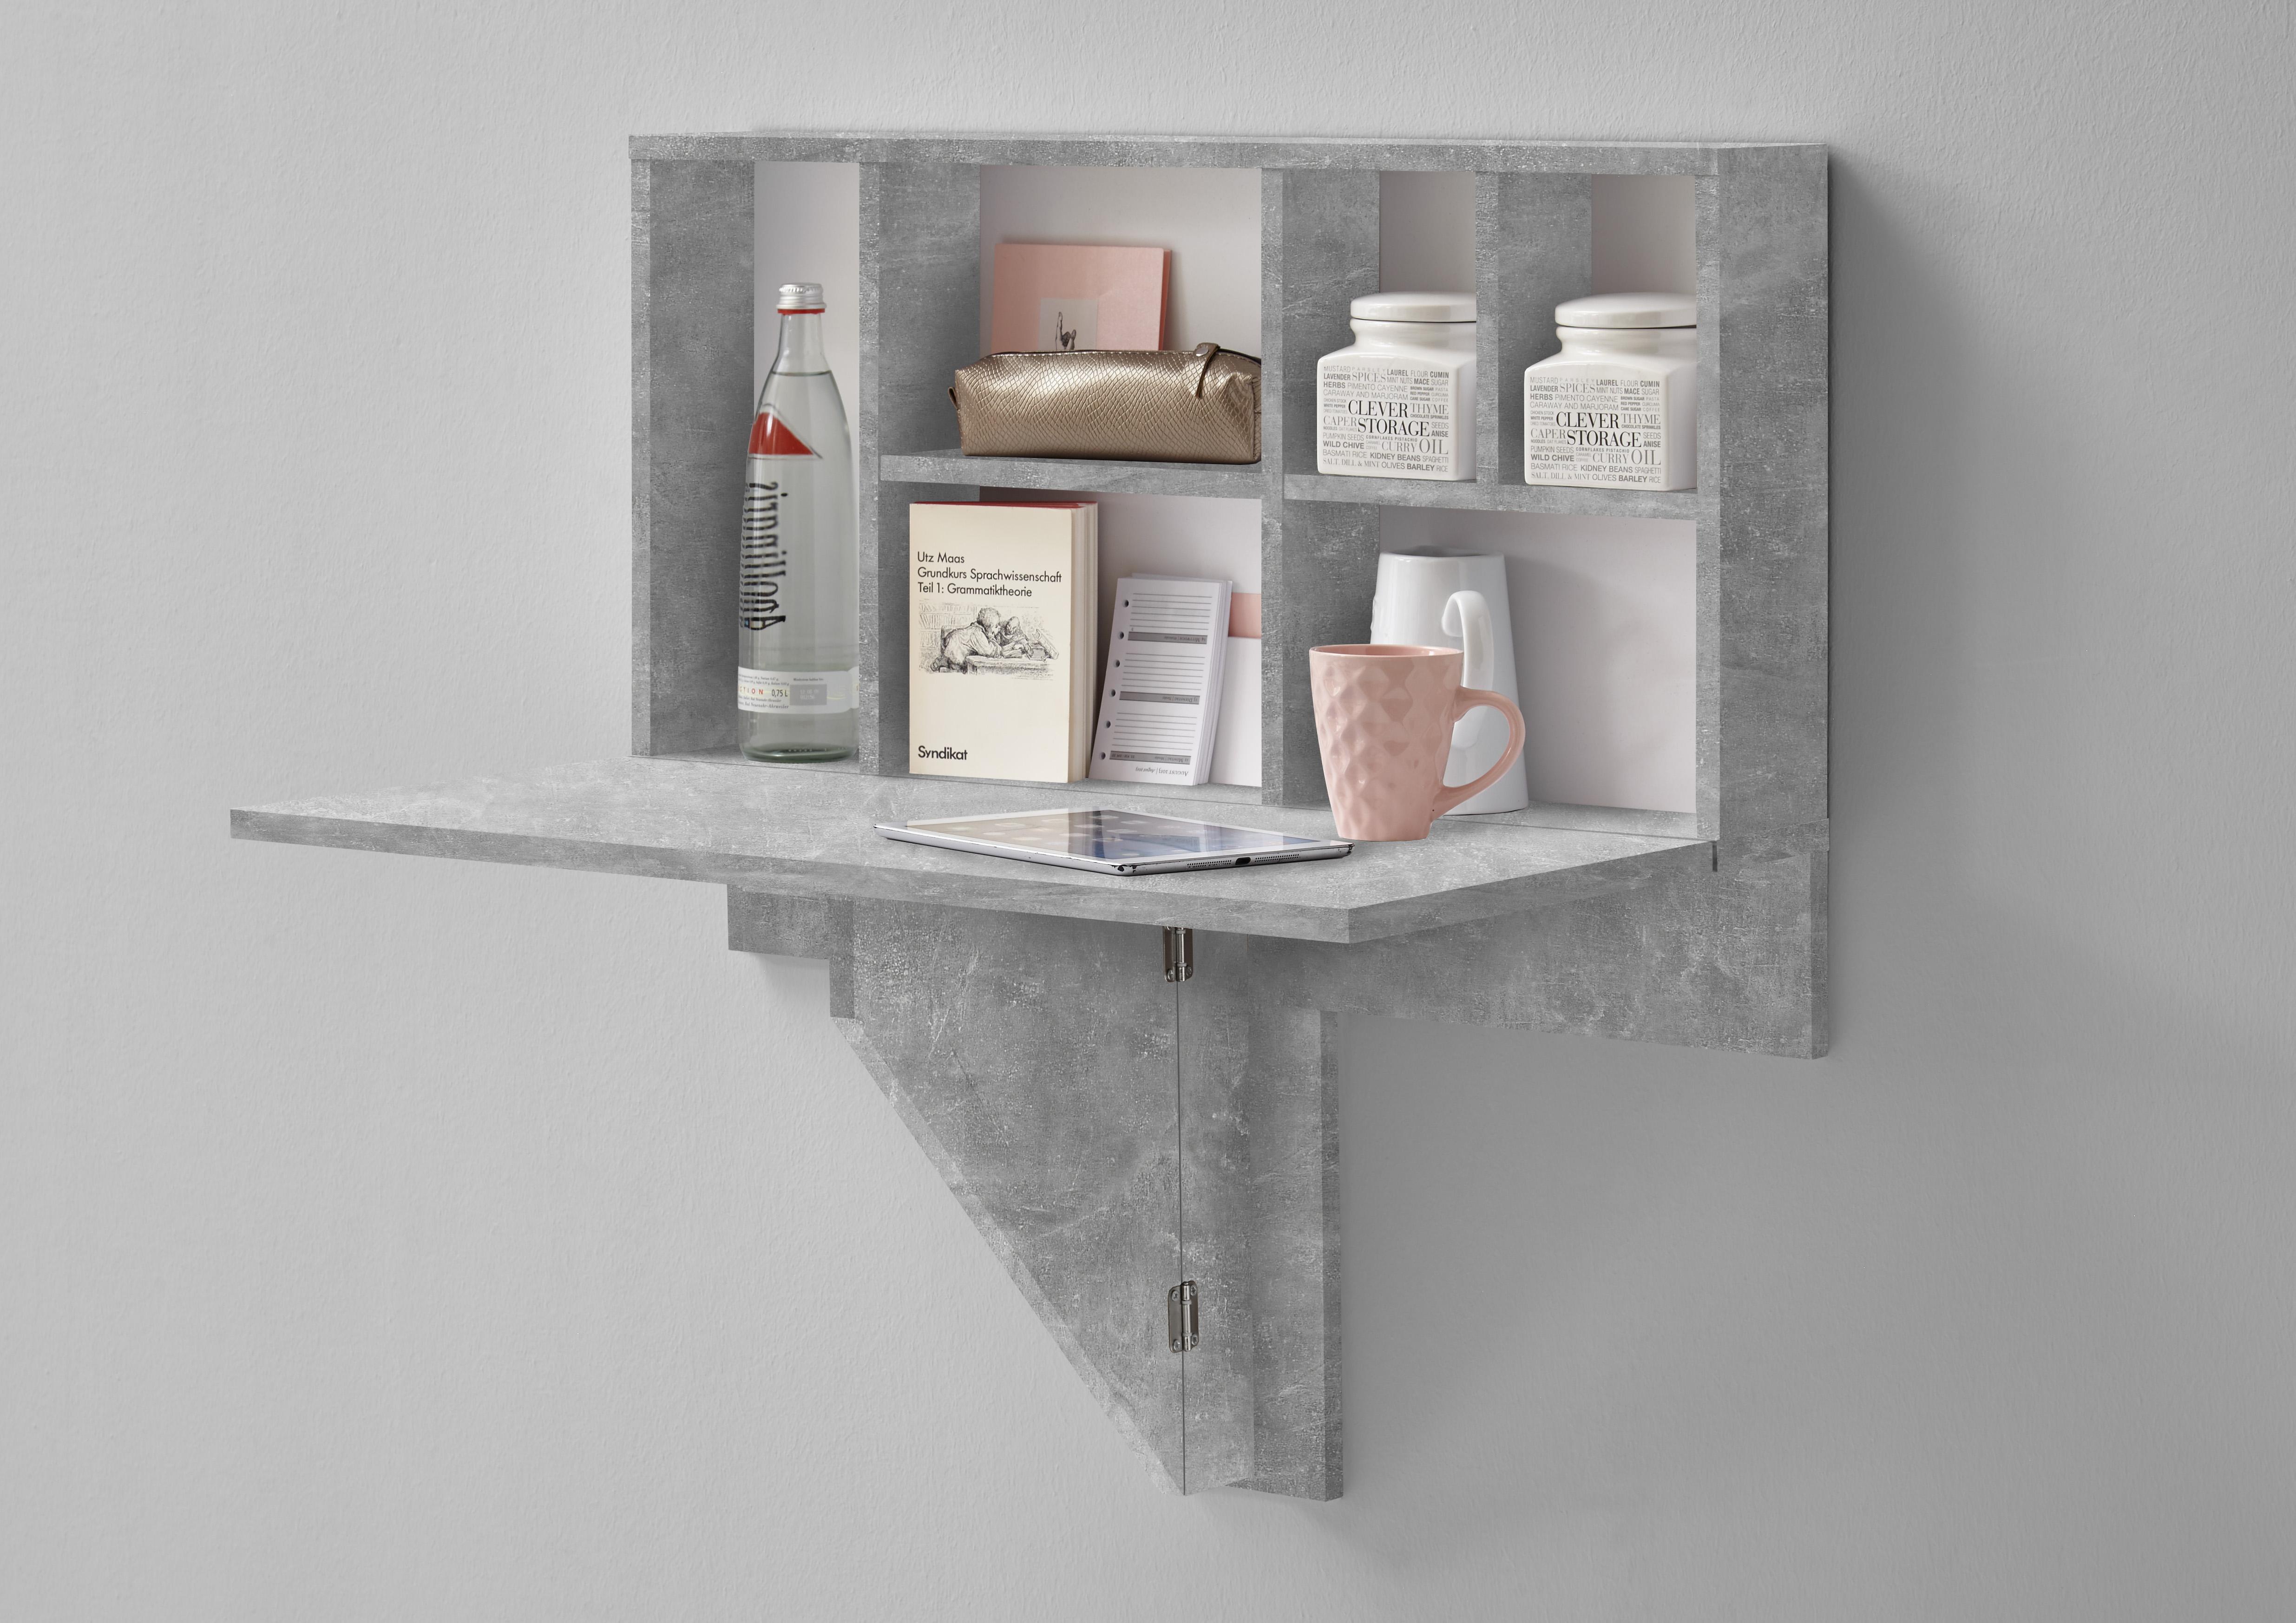 arta 2 klapptisch inkl regal von fmd beton weiss. Black Bedroom Furniture Sets. Home Design Ideas